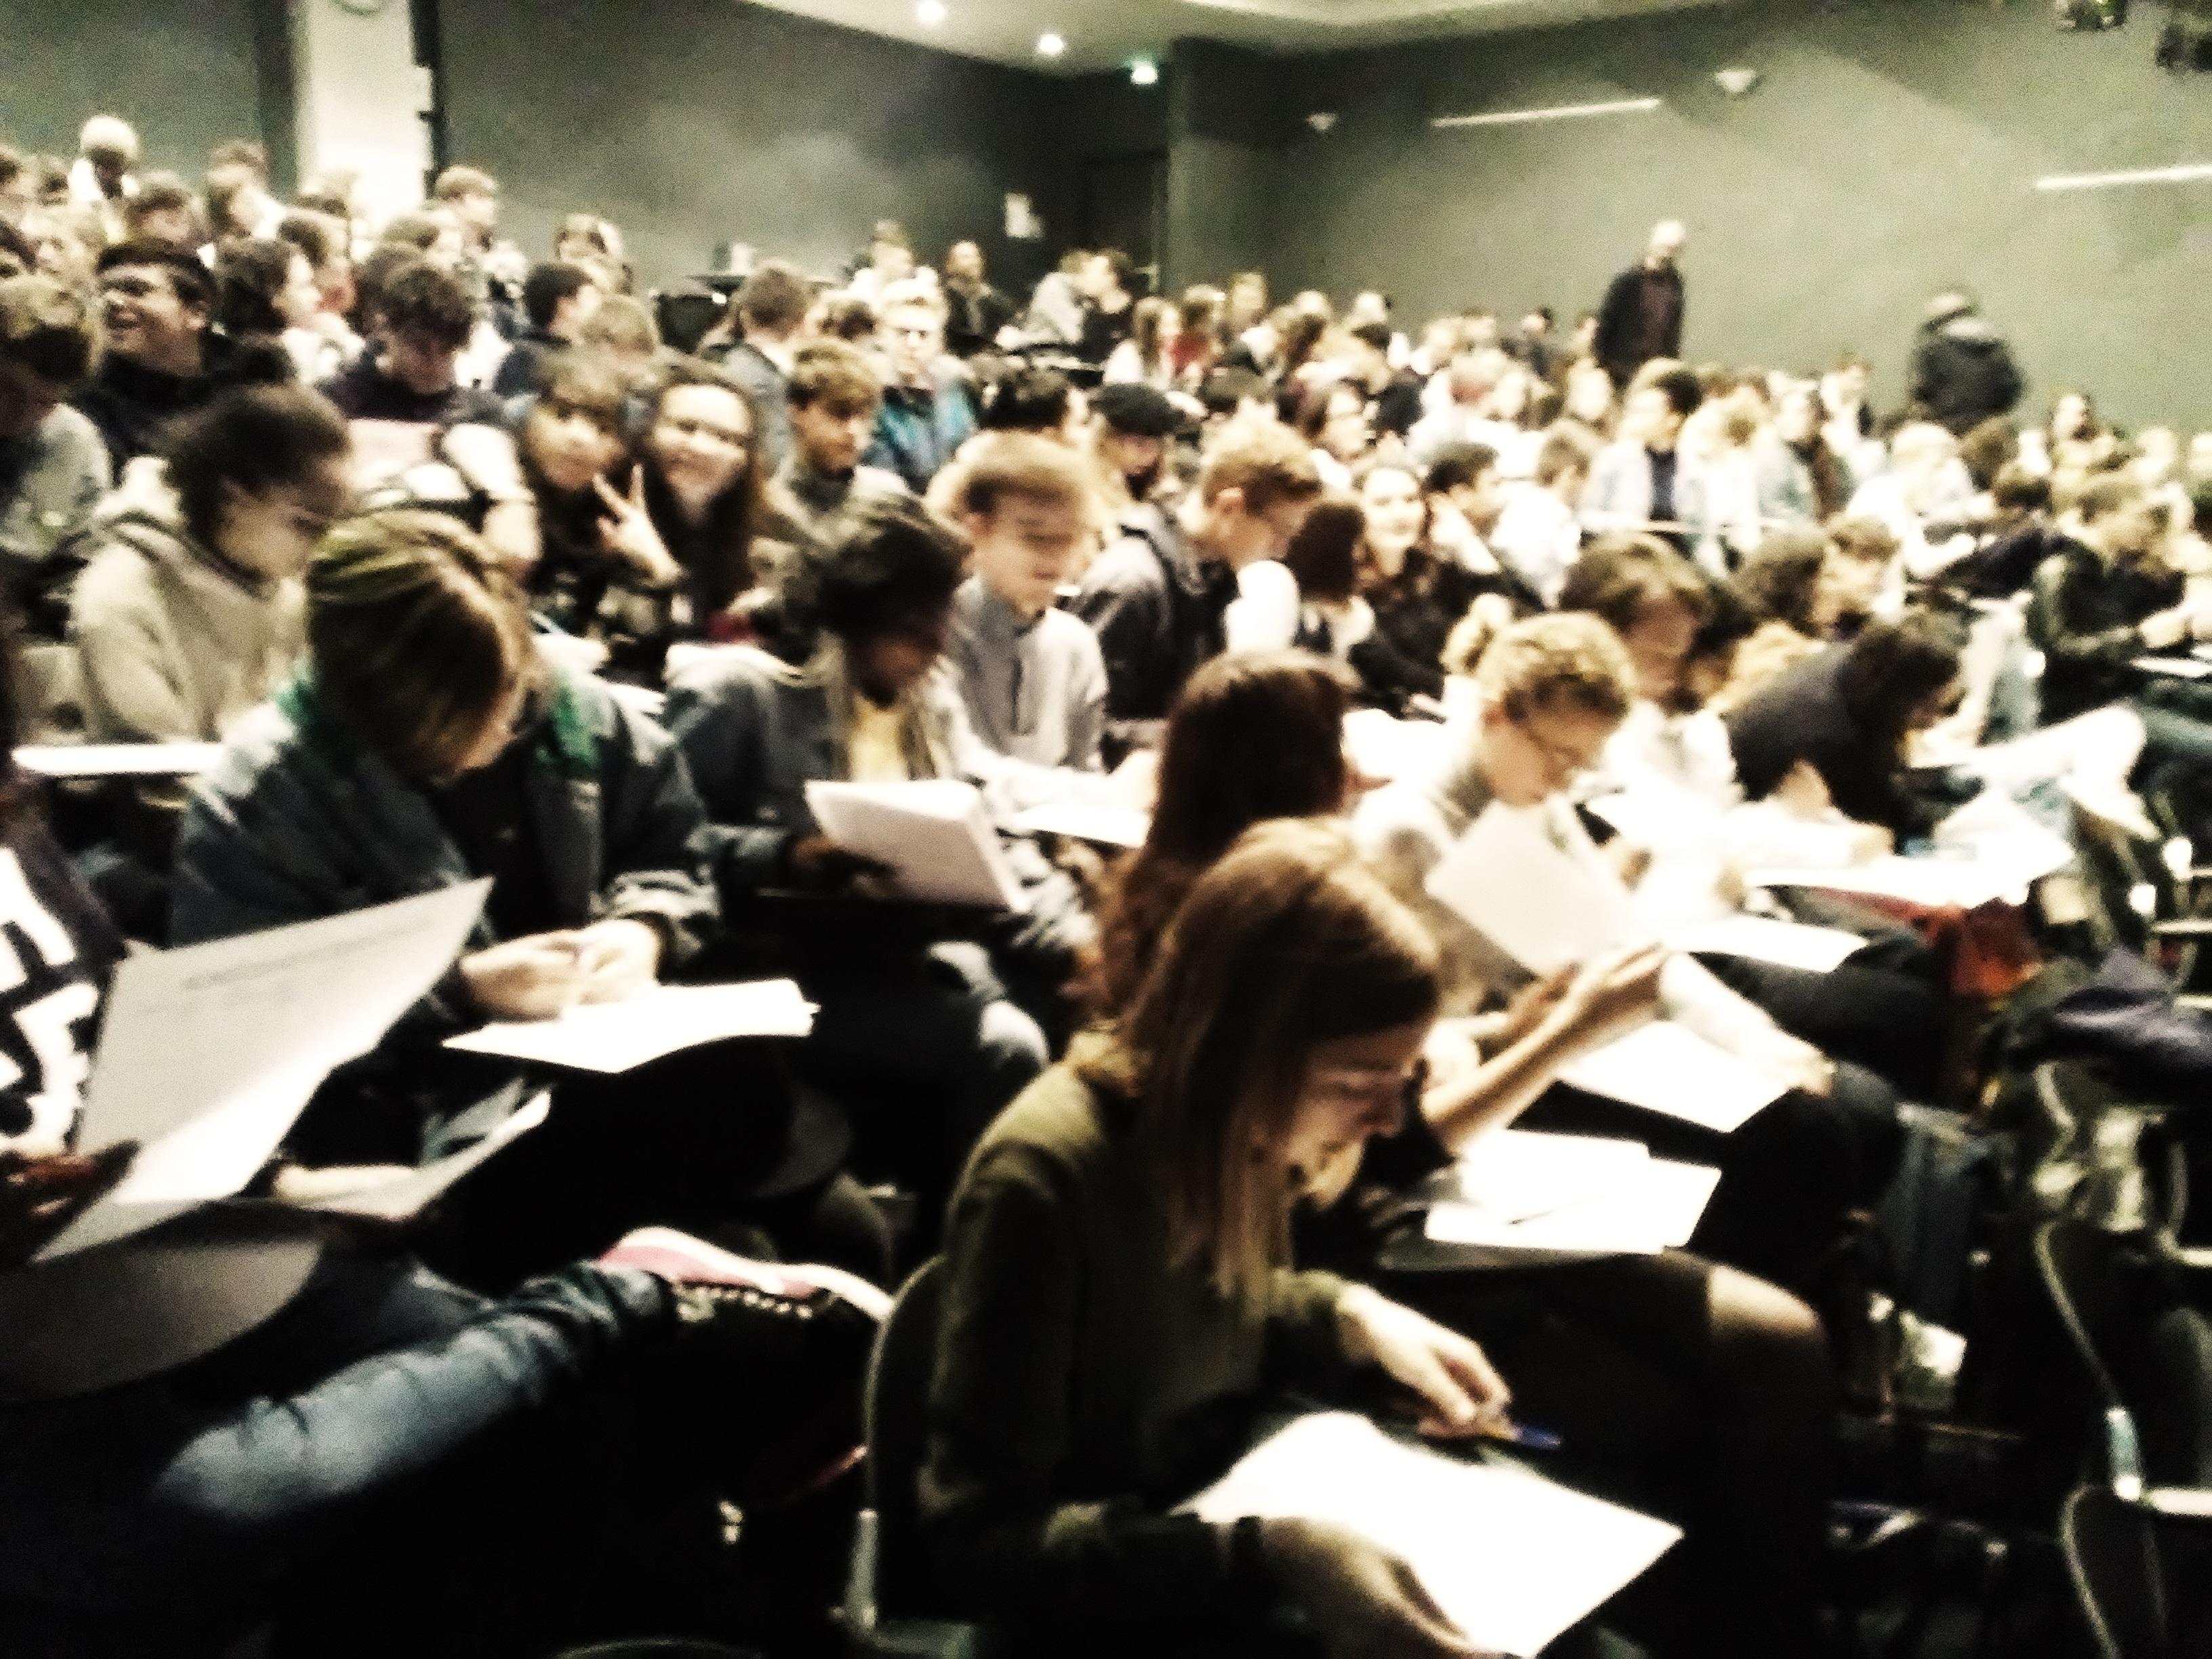 Le vote lycéen au lycée Fresne Crédits photographiques: Deborah Dubost-Sakhi